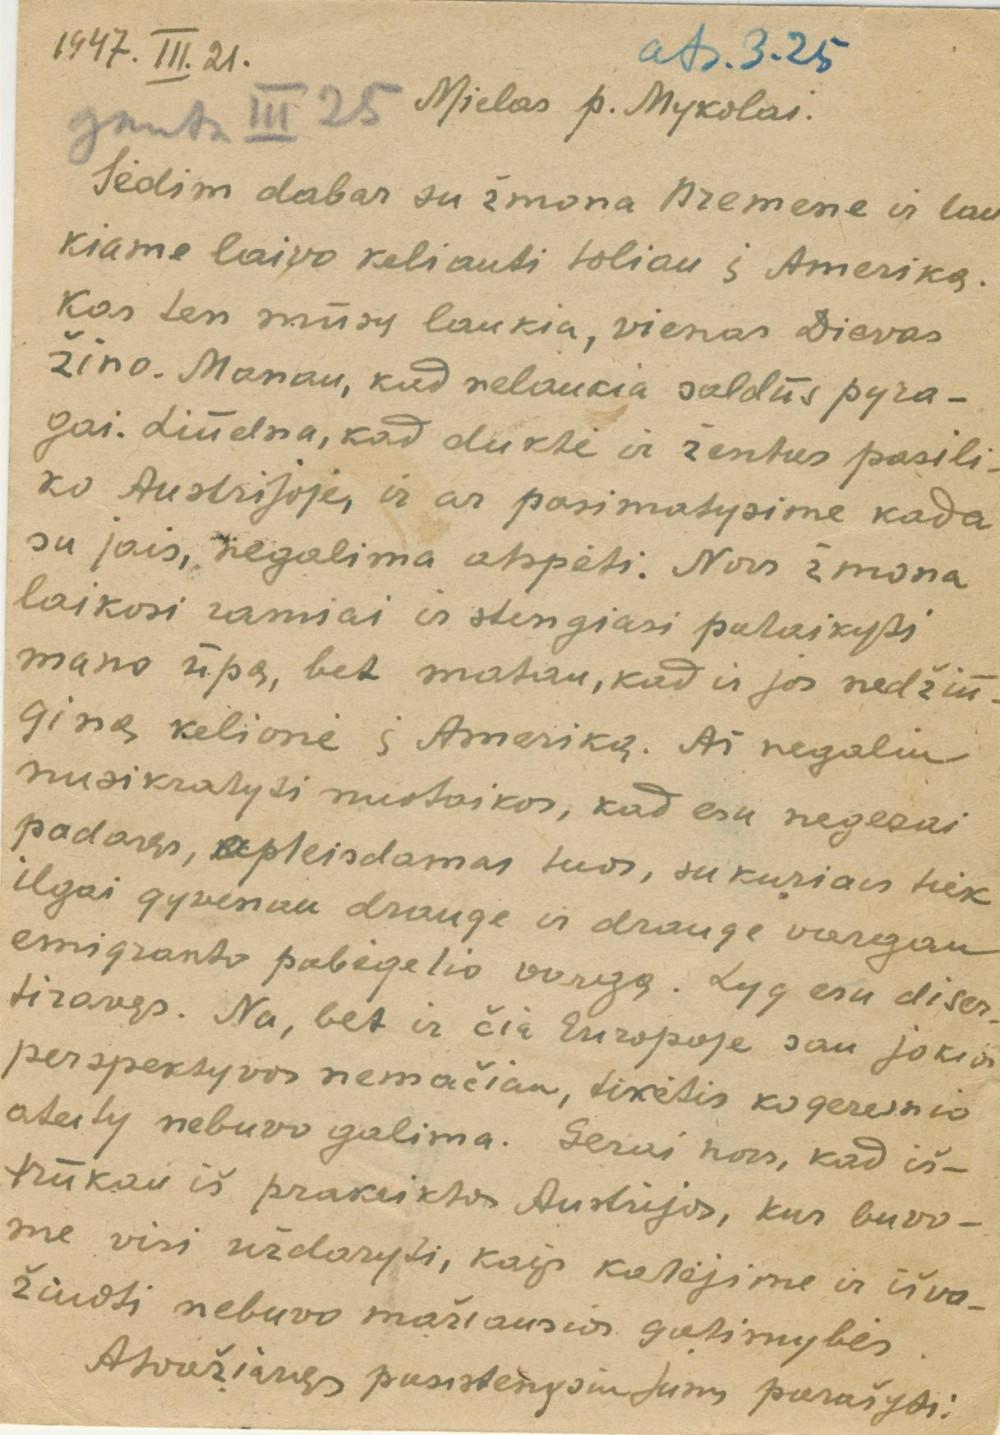 V. Krėvės atvirlaiškis M. Biržiškai. 1947 m. rugpjūčio 24 d., 2